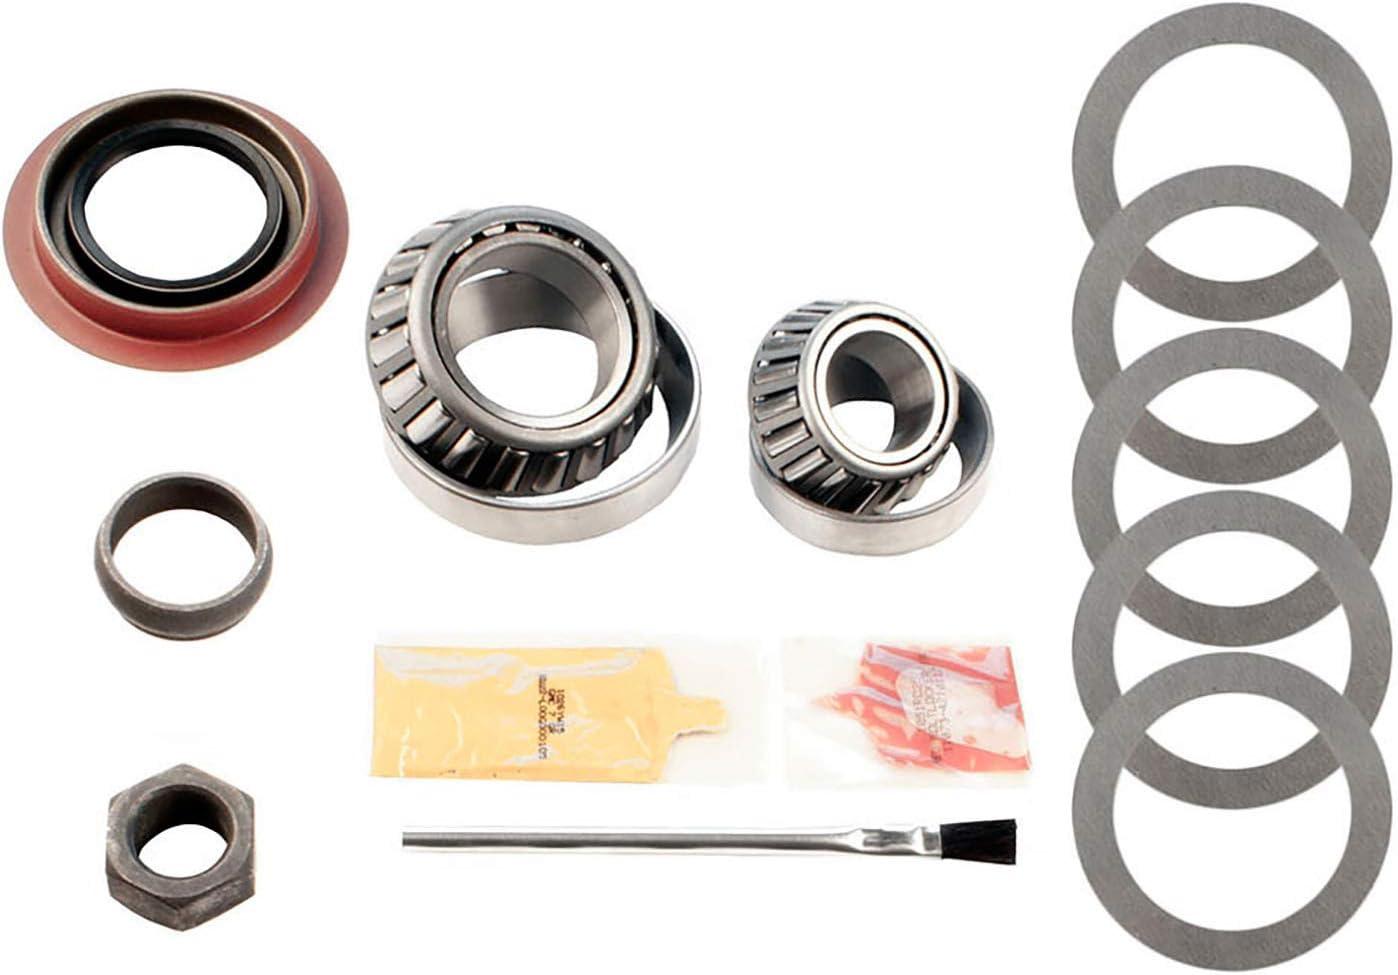 Motive Gear R9.25RPK Light Duty Deluxe Quality inspection Koyo Chrysler PBK Bearing 9 Kit